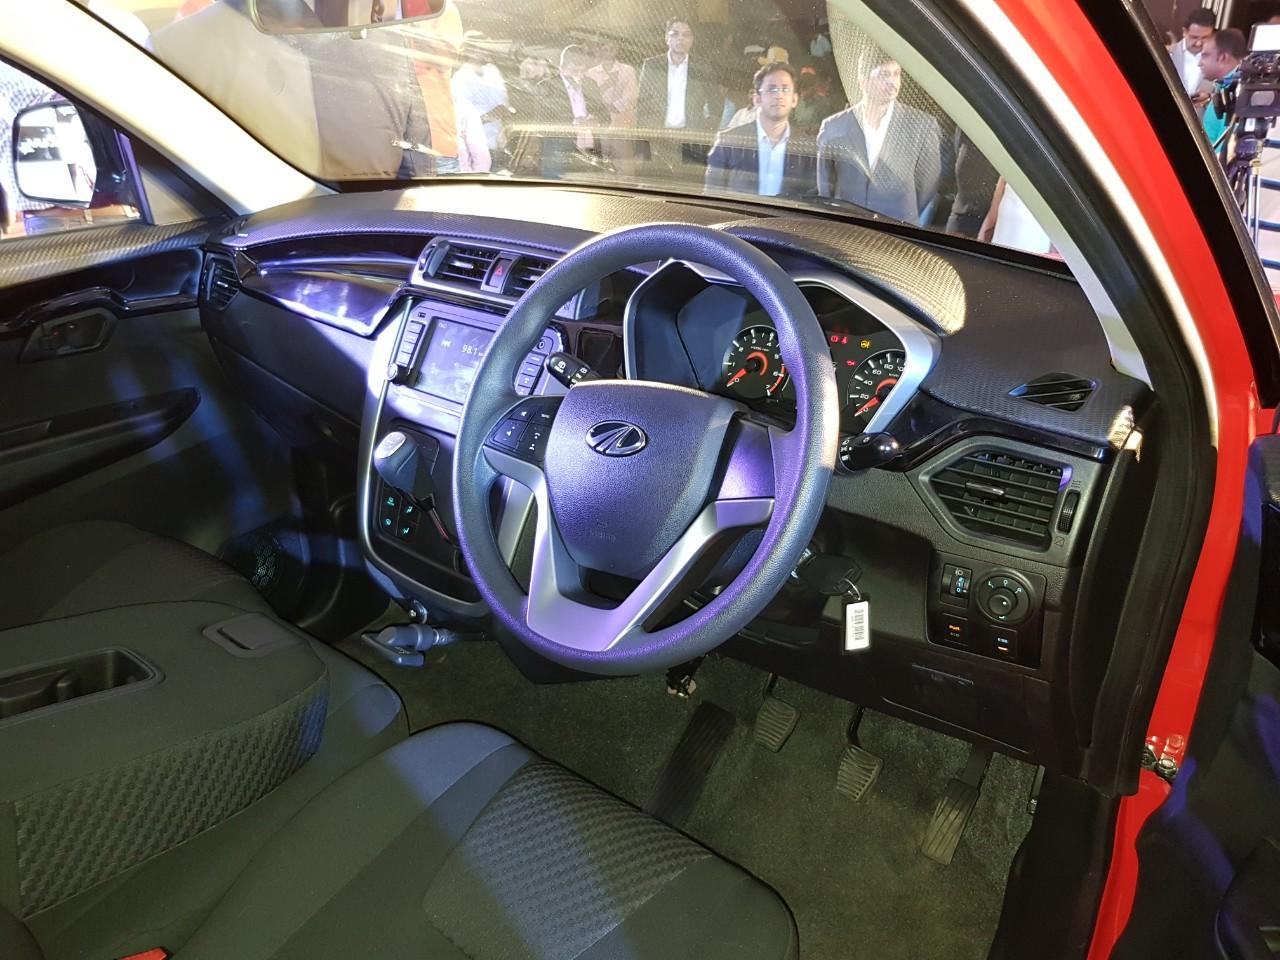 Xe++ - Mahindra KUV100 NXT – SUV siêu nhỏ, giá siêu rẻ 152,5 triệu đồng (Hình 6).